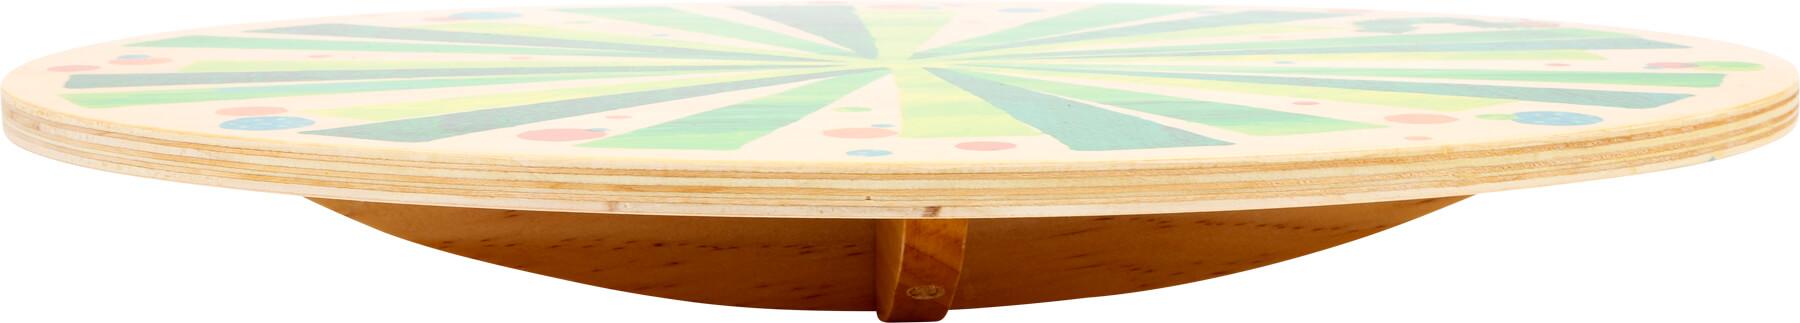 Jeux et Jouets Legler 2020 - Planche d'équilibre - la chenille qui fait des trous